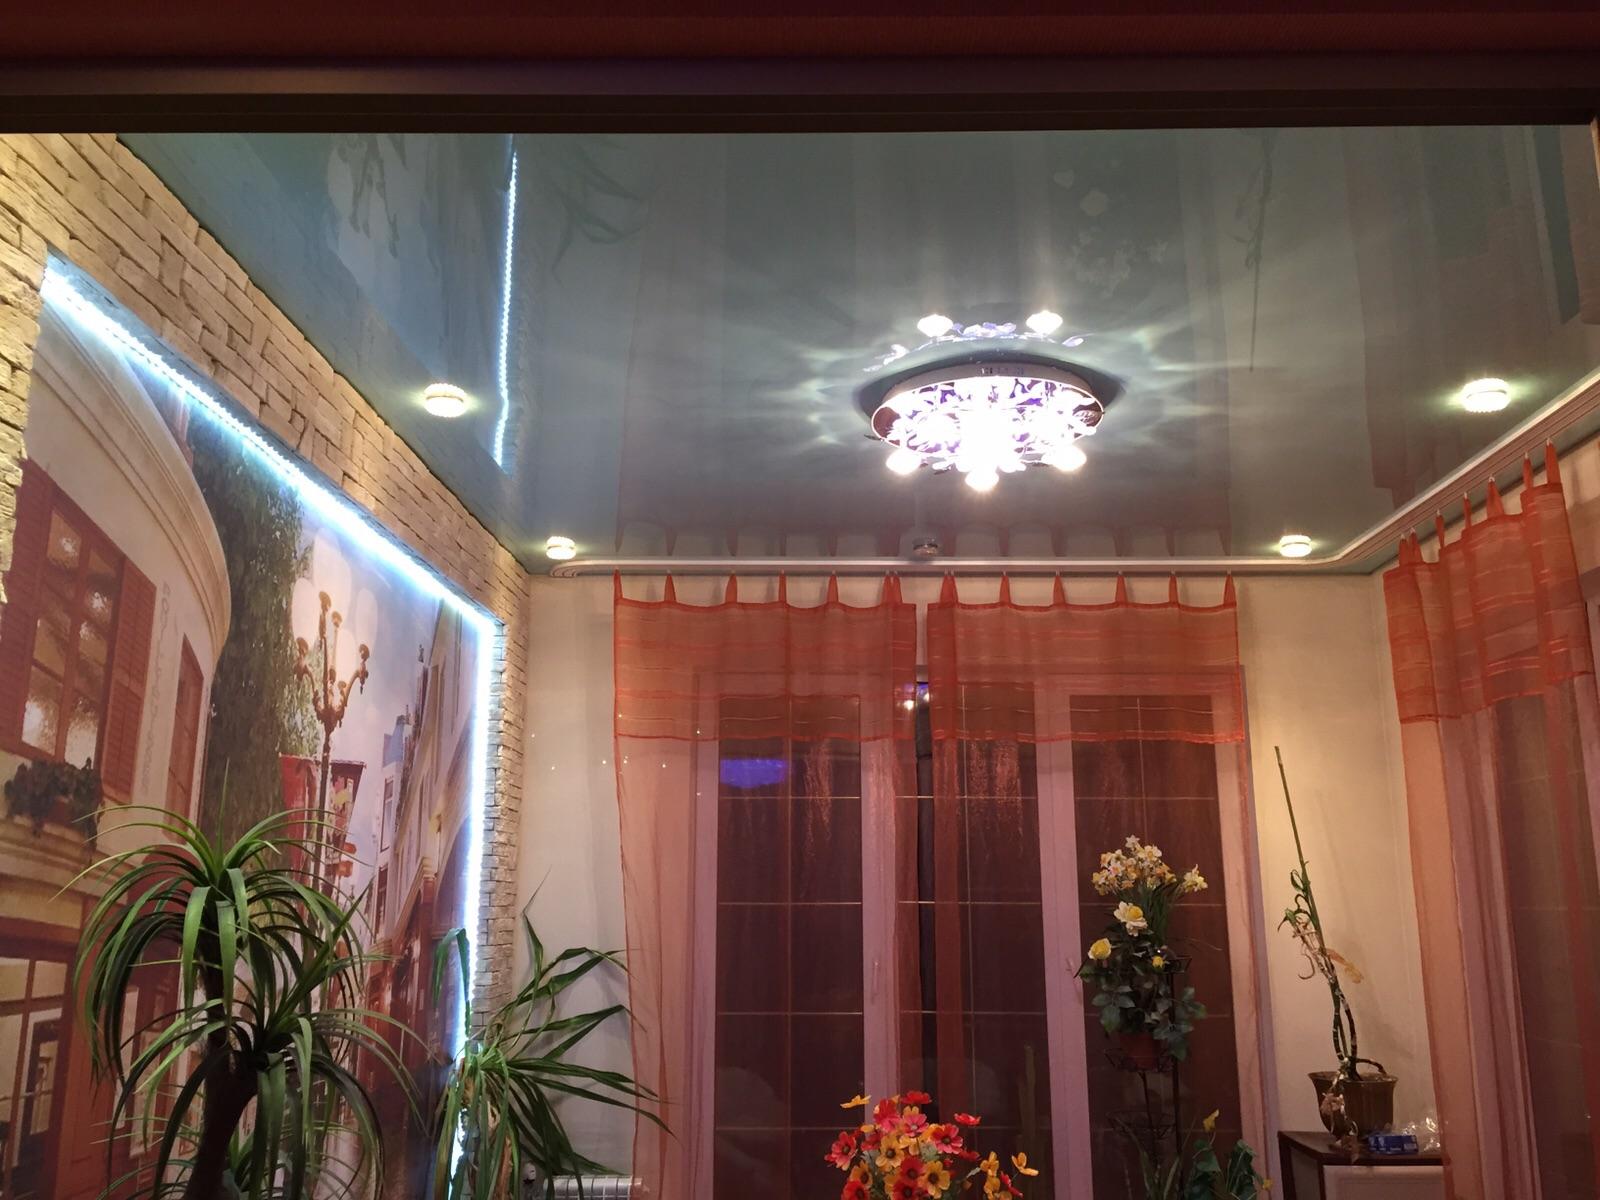 глянцевый потолок33.jpg